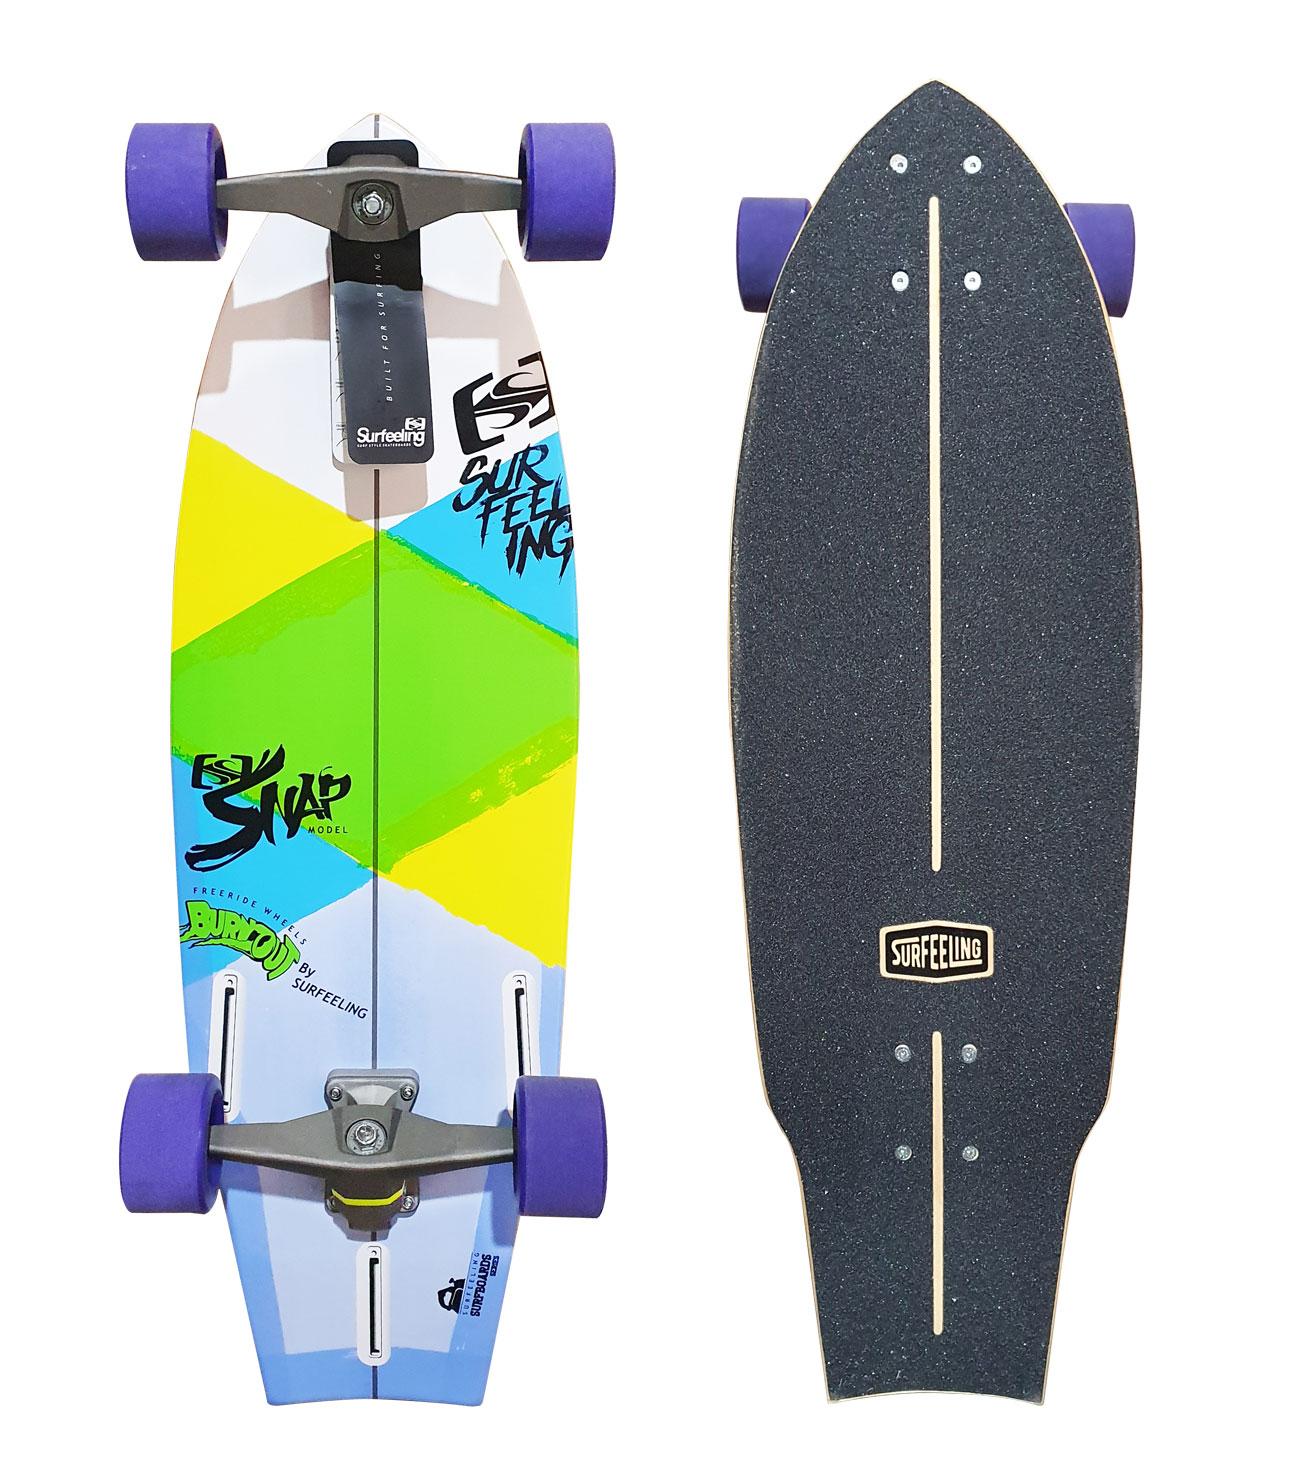 Simulador De Surf Skateboard Surfeeling Snap New